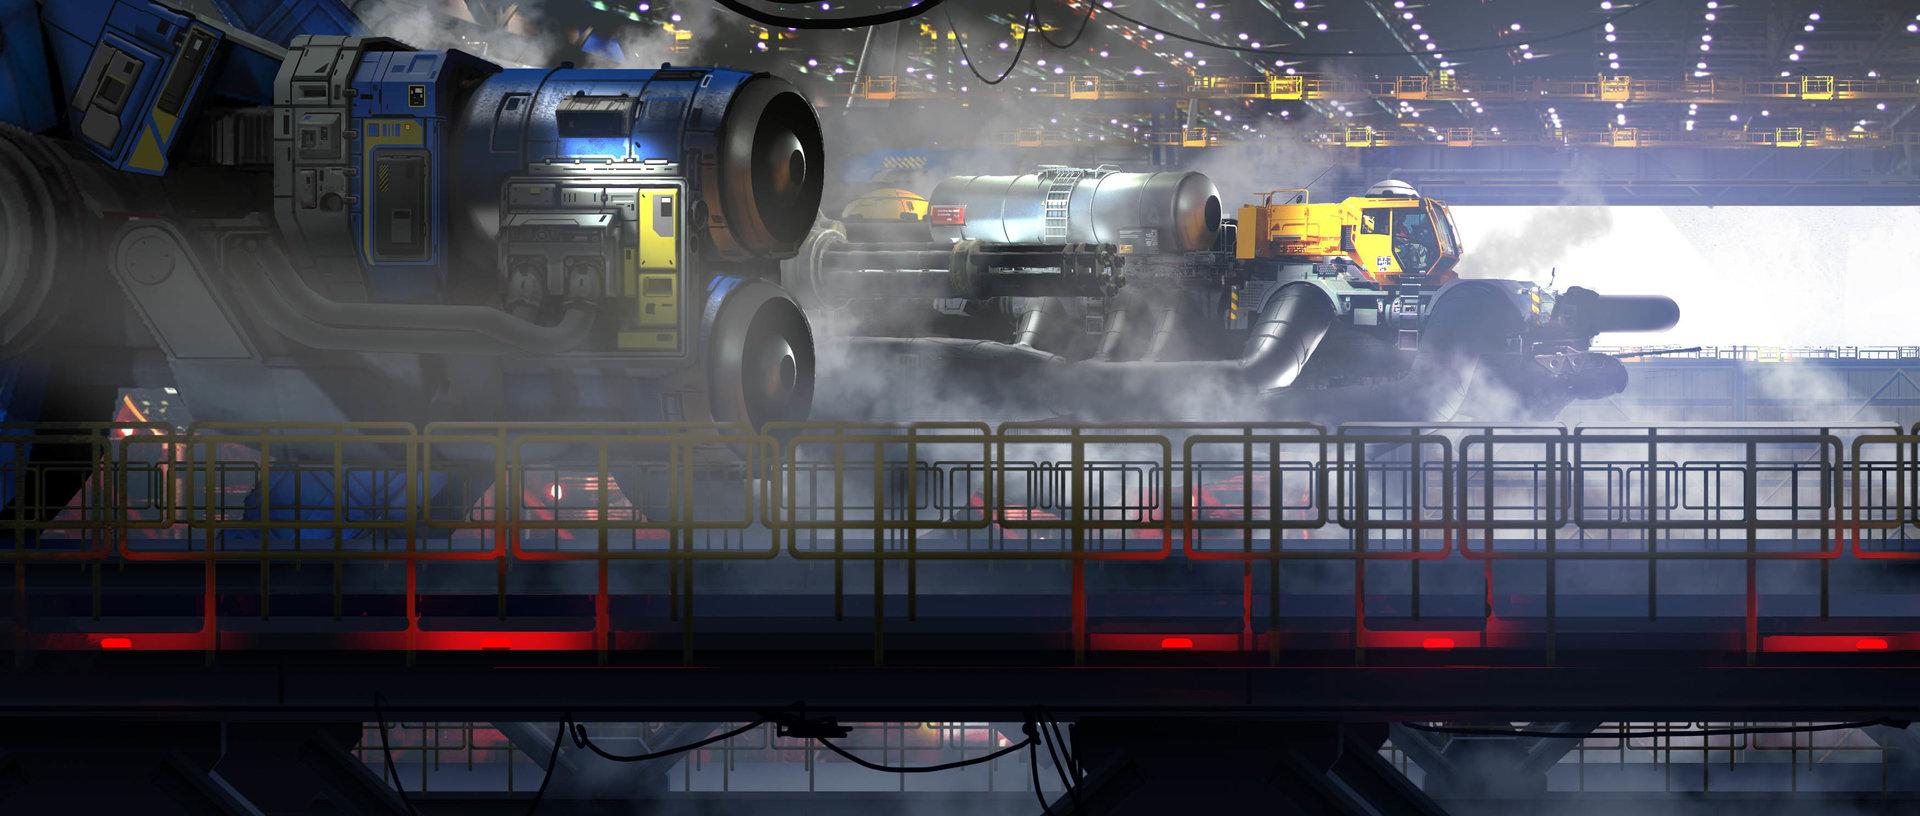 Paul chadeisson concept teaser 01 01b